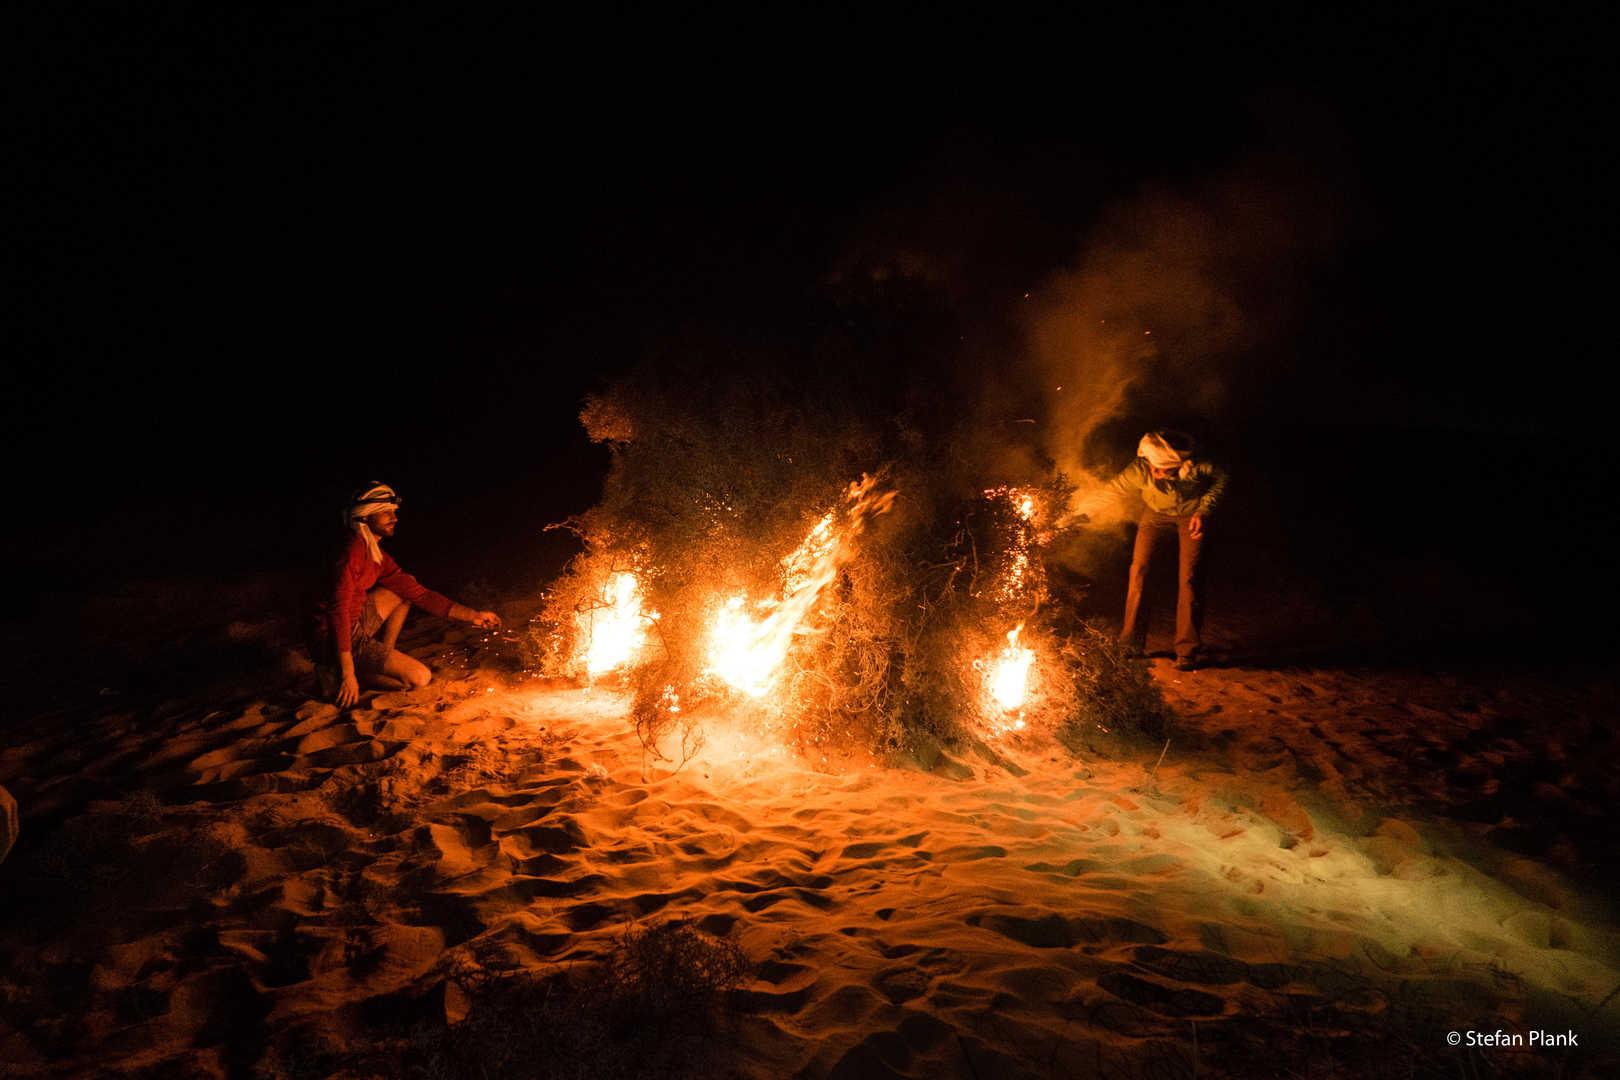 Lagerfeuer in der Sandwüste